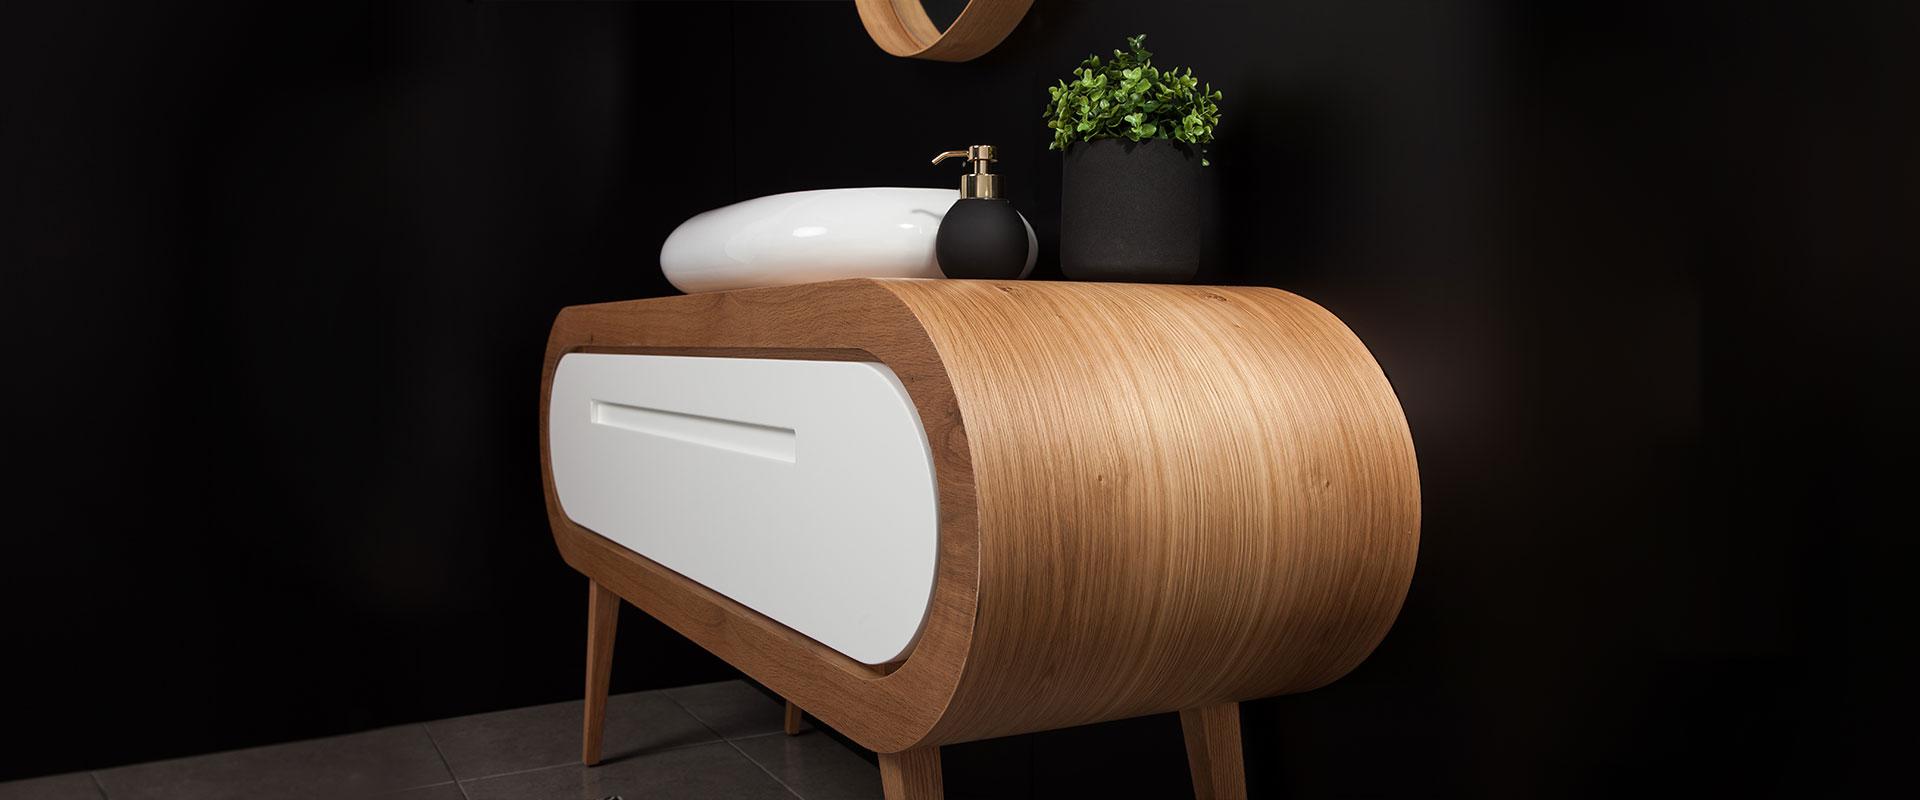 חדרי אמבטיה מחירים שאסור לפספס